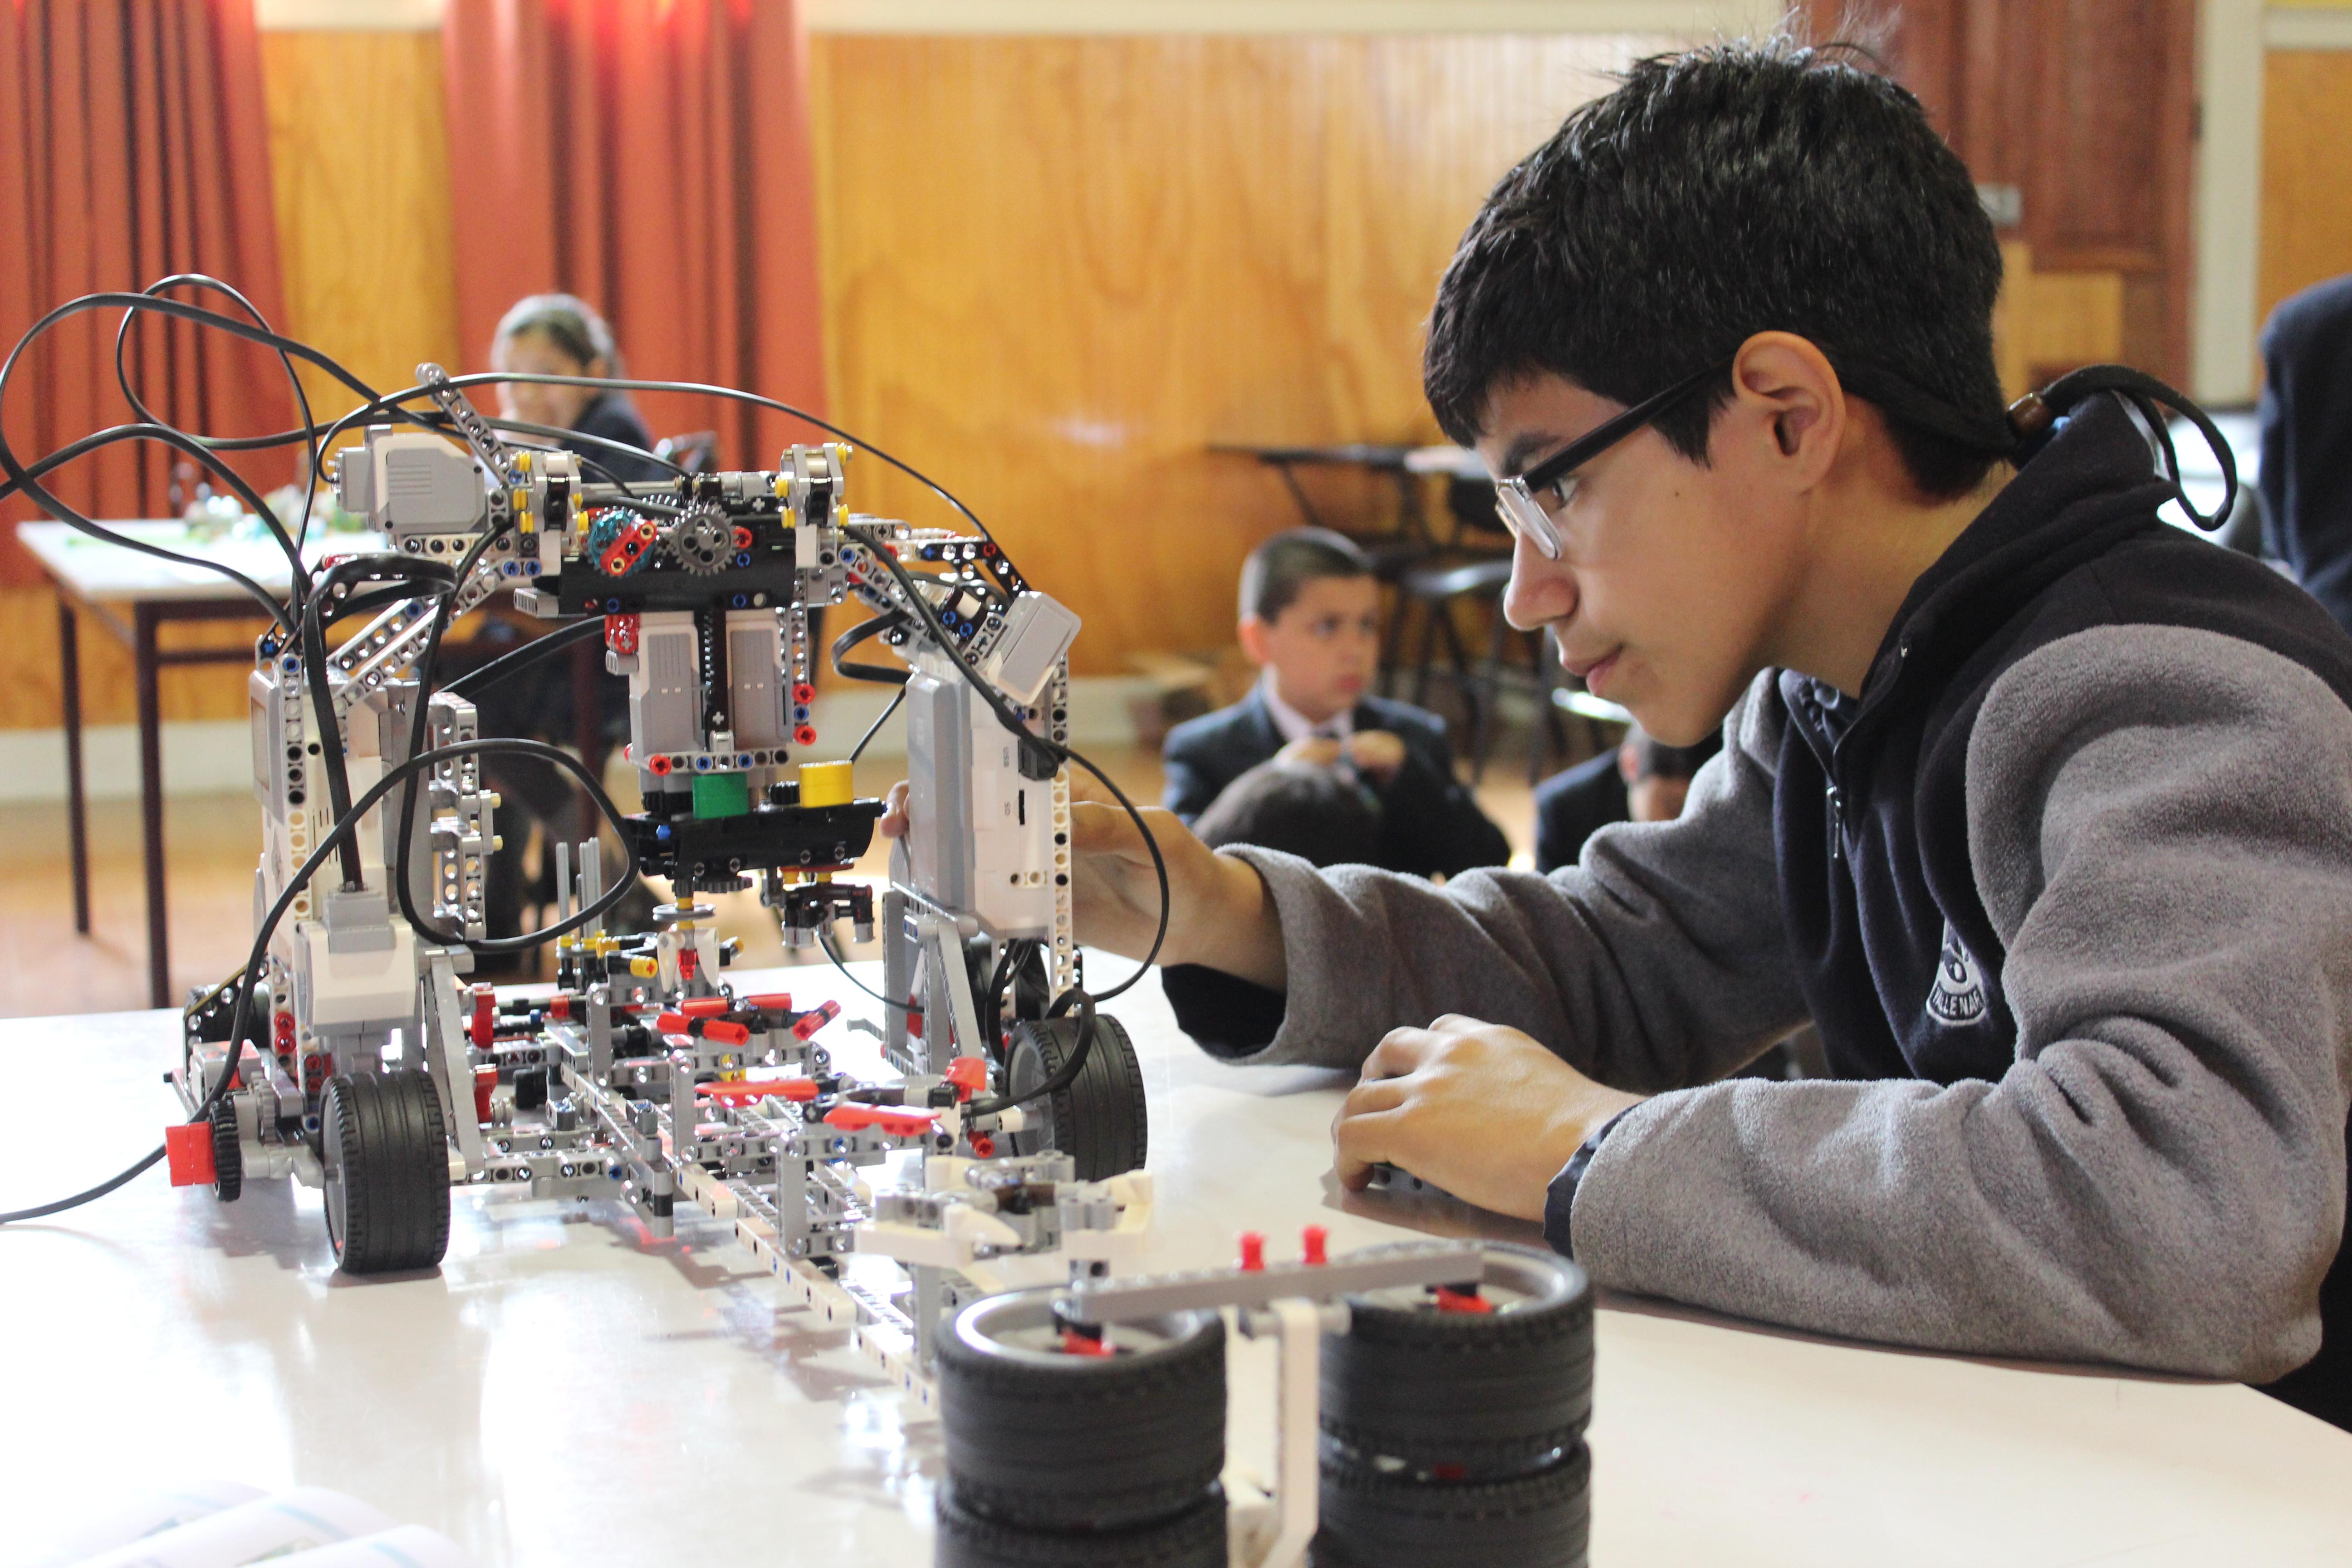 Exposición de robótica organizaron alumnos de la escuela Ignacio Carrera Pinto de Vallenar